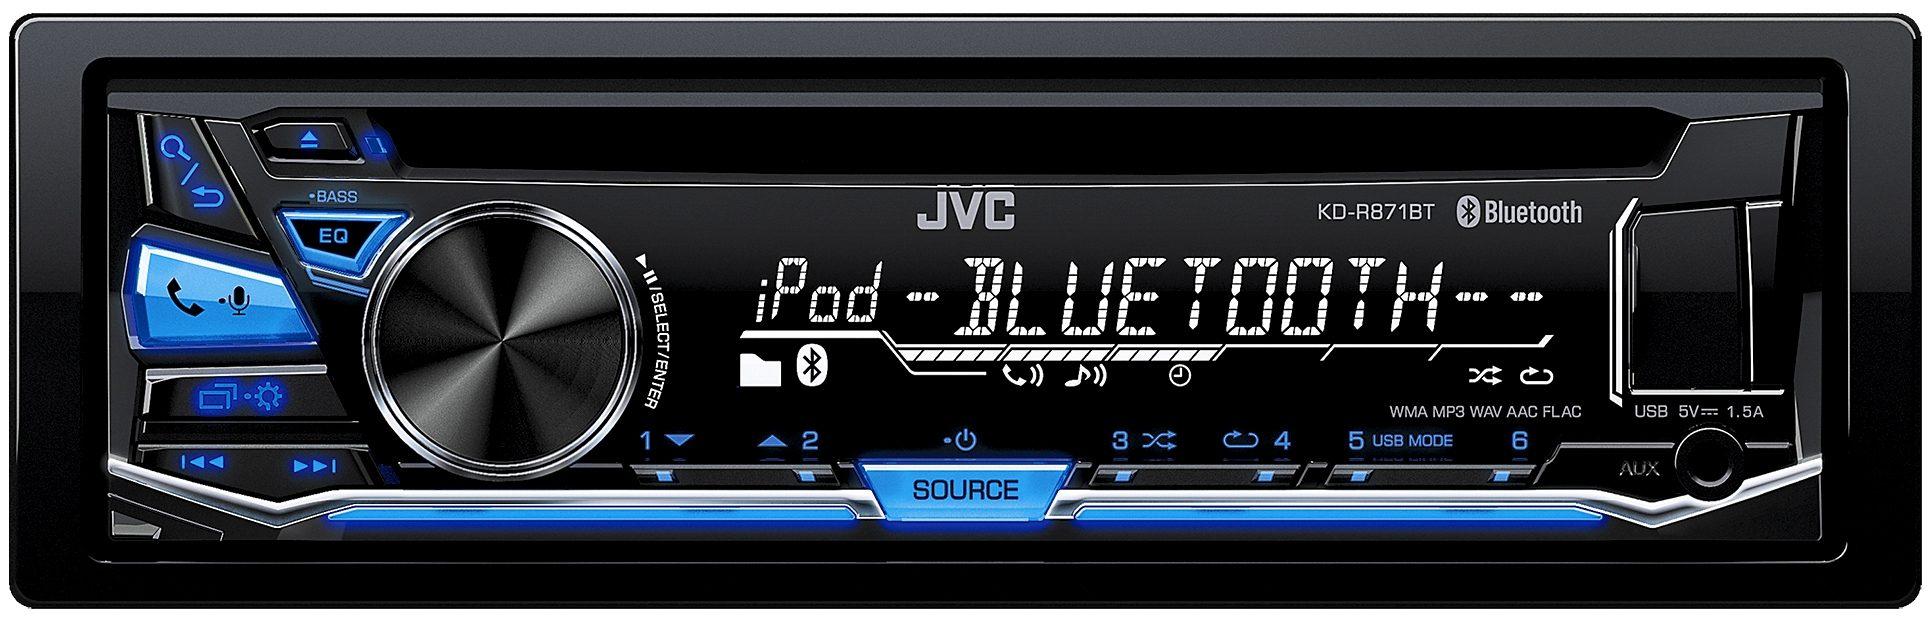 JVC 1-DIN Autoradio mit Bluetooth »KD-R871BT«